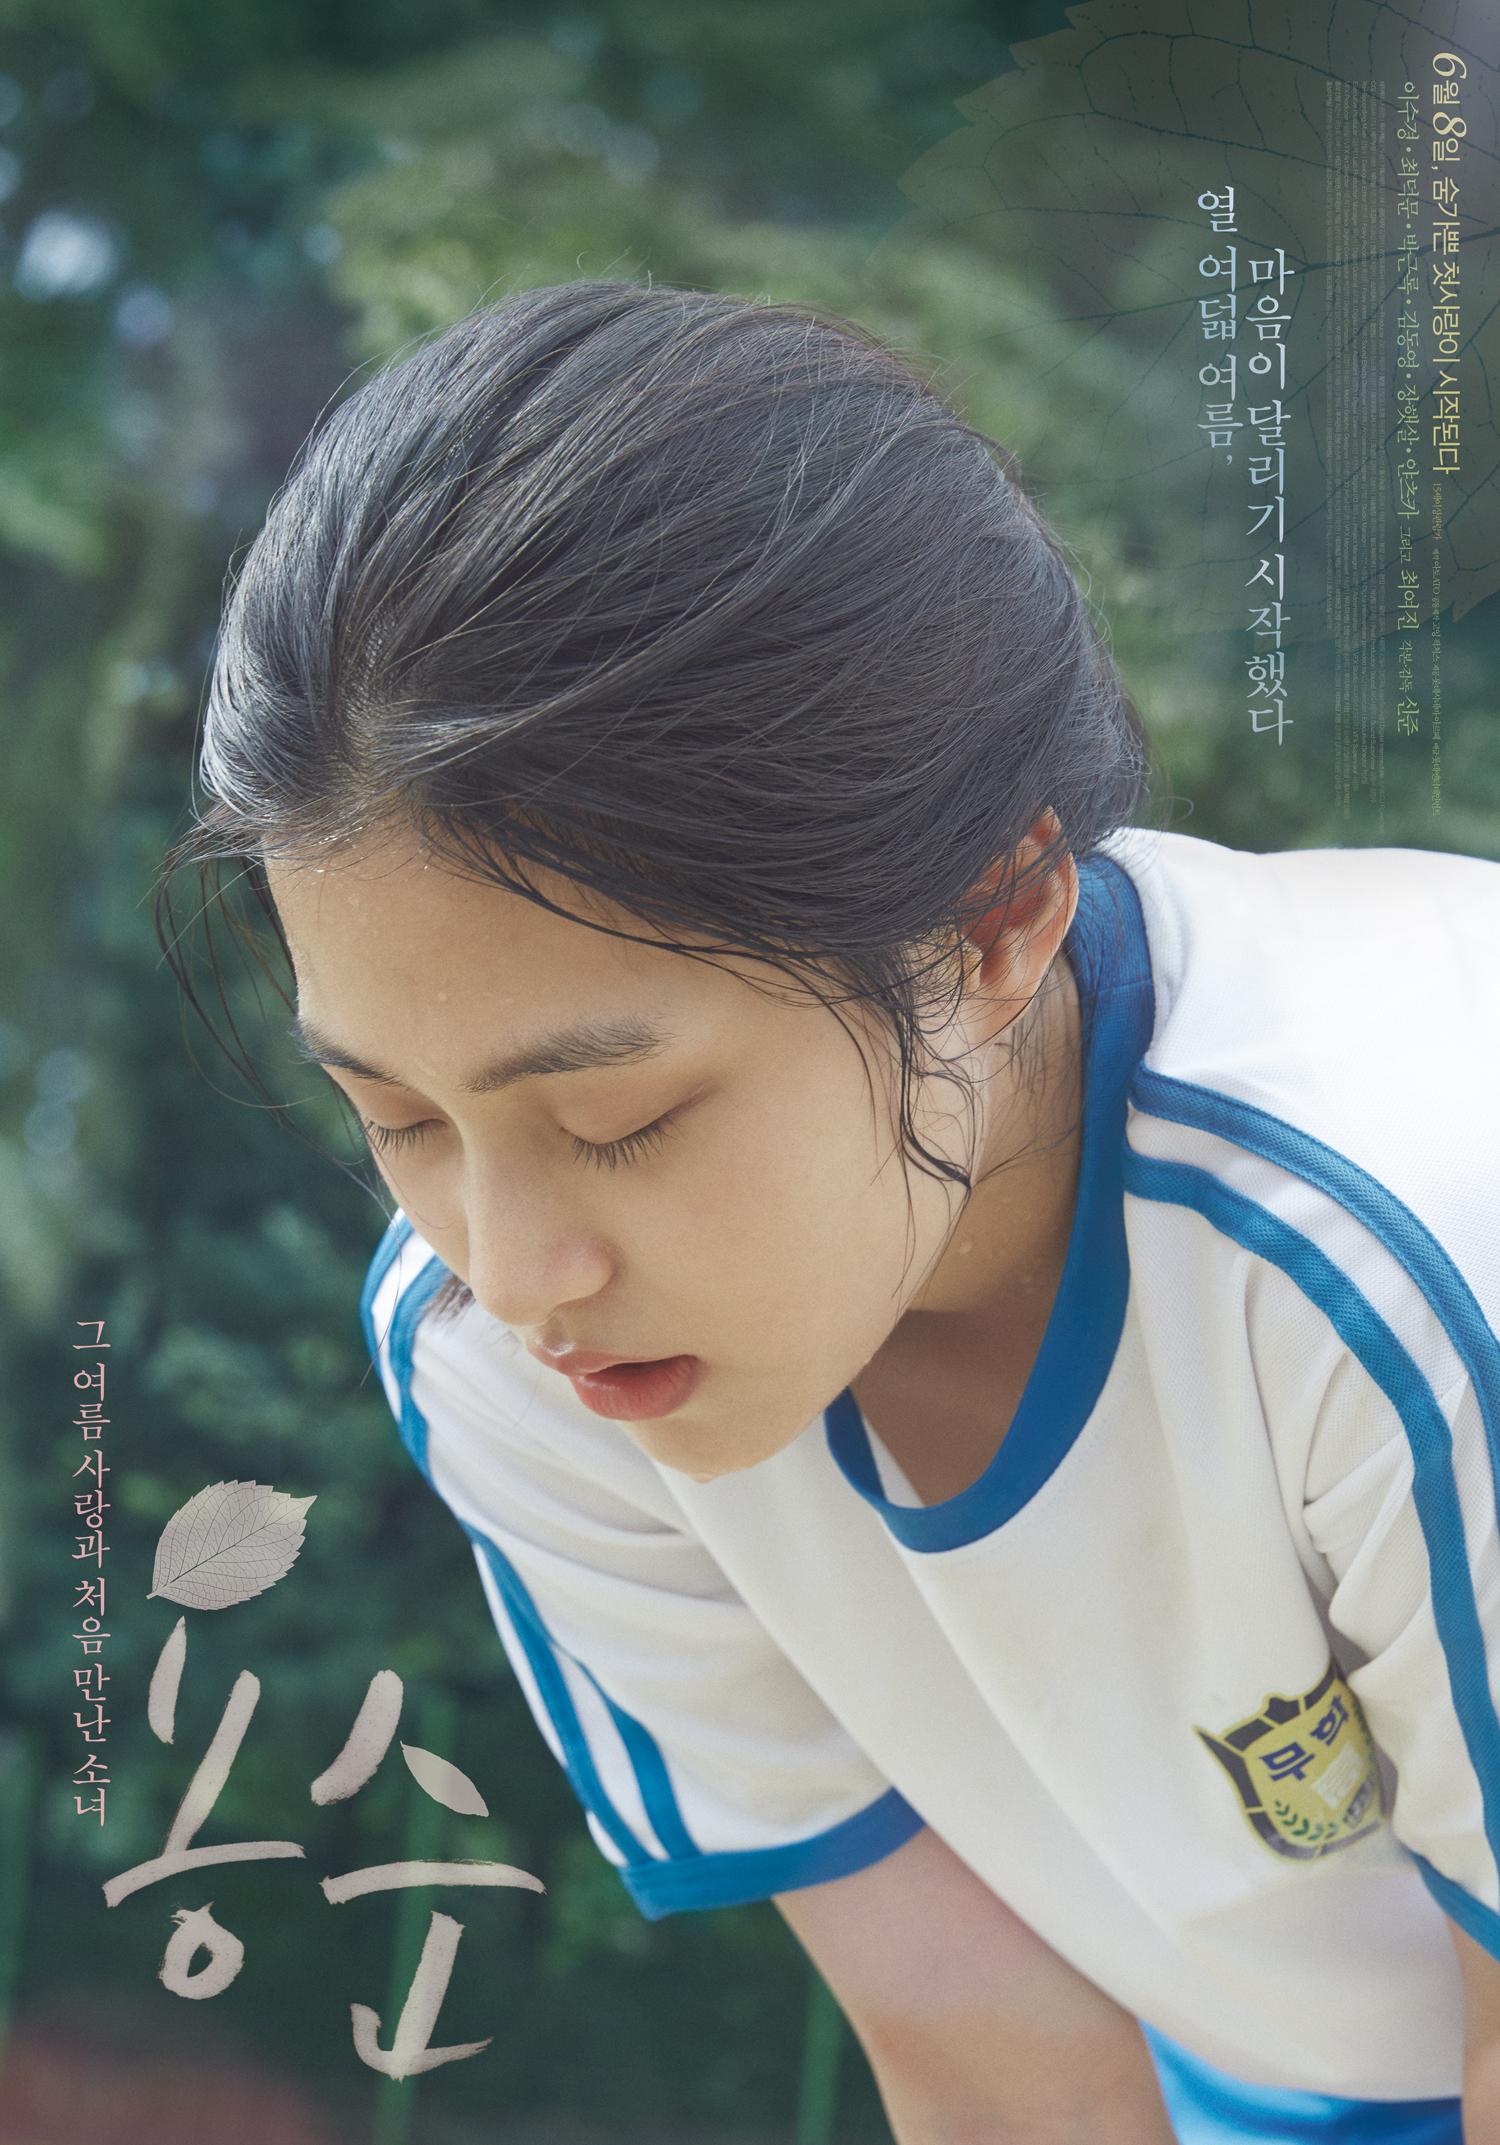 용순 (Yongsoon, 2017)